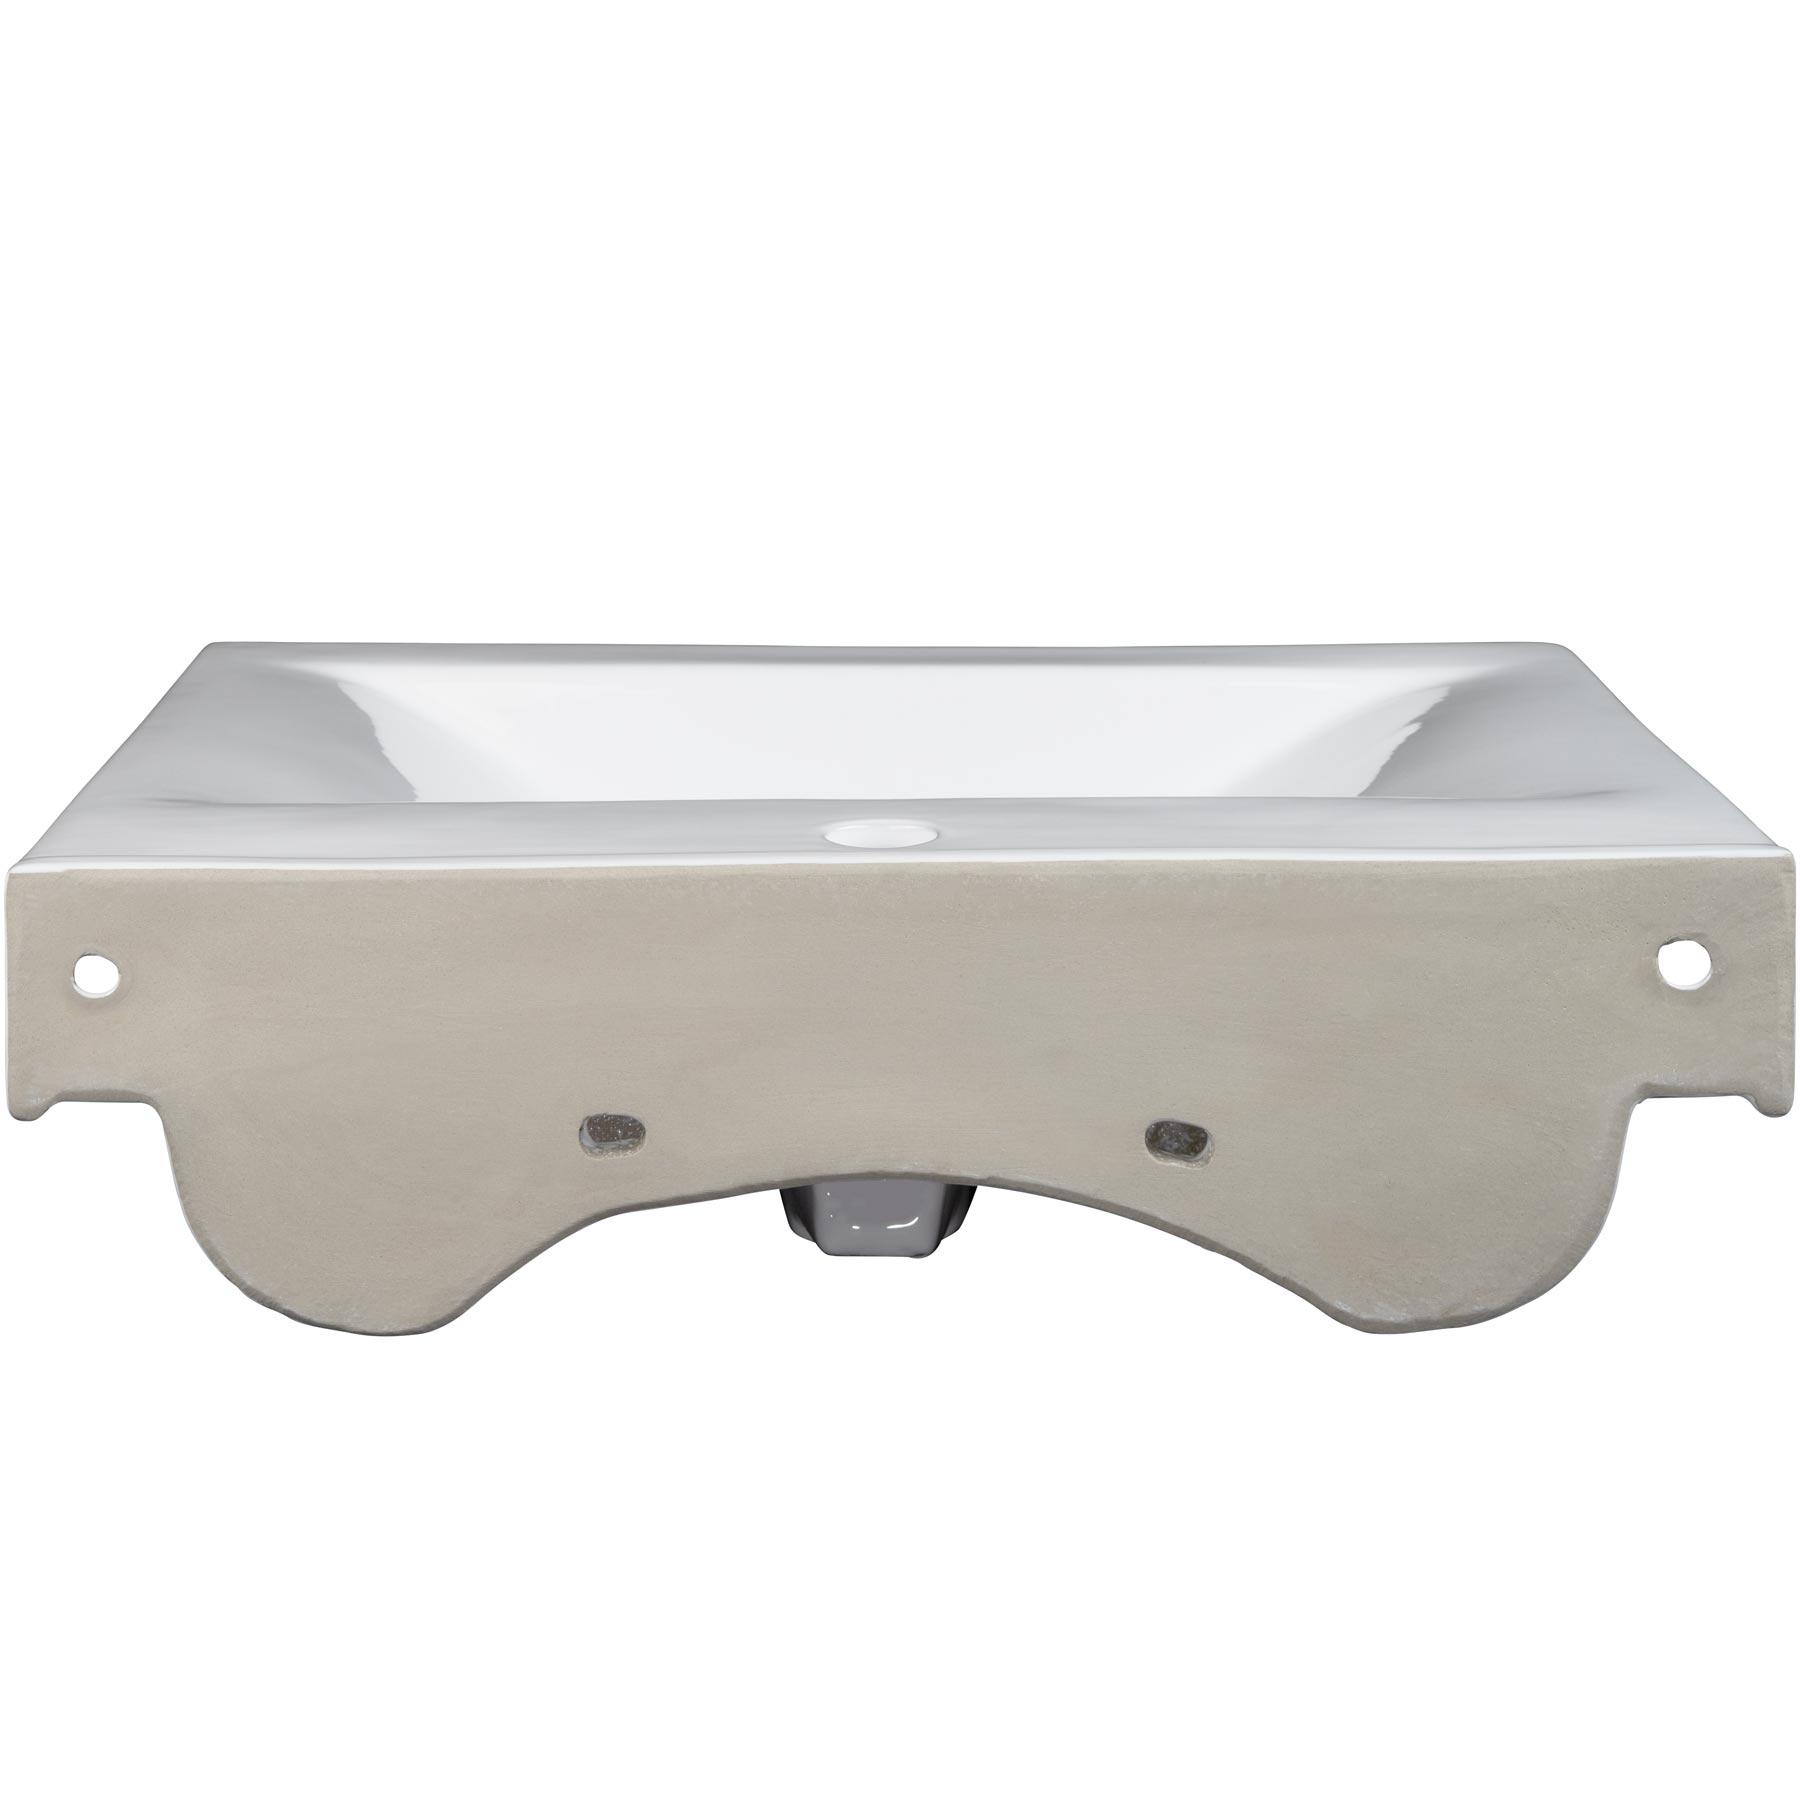 Lavabo Vasque De Salle De Bain Rectangulaire Design En Céramique 61,5 Cm X  46,5 Cm X 9 Cm Blanc TECTAKE. U2022 Voici Le Lavabo Au Design Moderne Quu0027il  Vous Faut ...